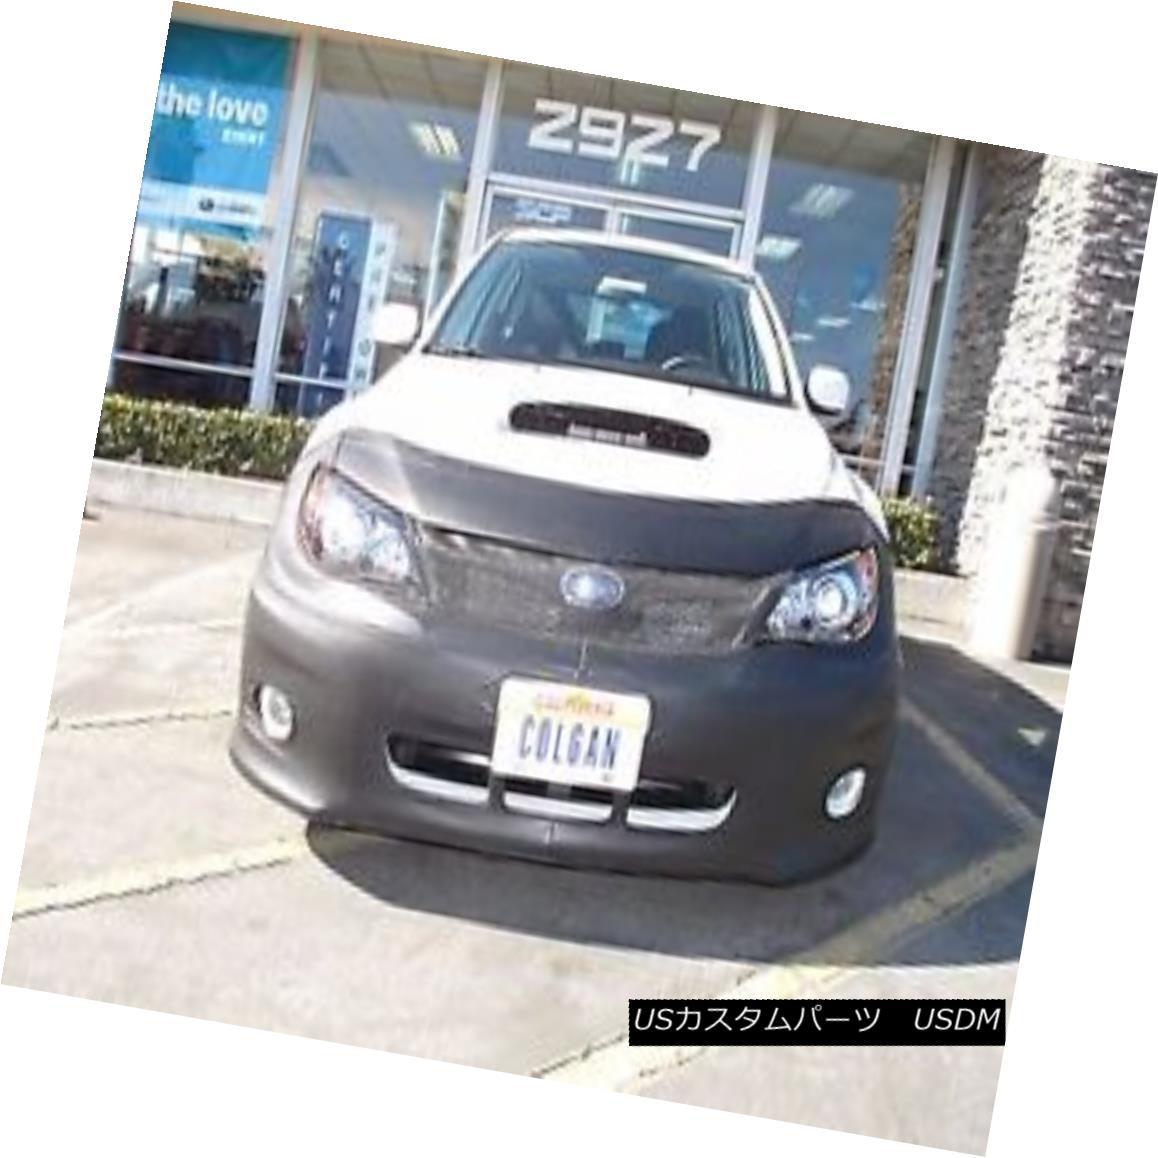 フルブラ ノーズブラ Colgan Front End Mask Bra 2pc. Fits Subaru Impreza WRX & STI 2011-2013 W/O TAG コルガンフロントエンドマスクブラ2pc フィットSubaru Impreza WRX& STI 2011-2013 W / O TAG